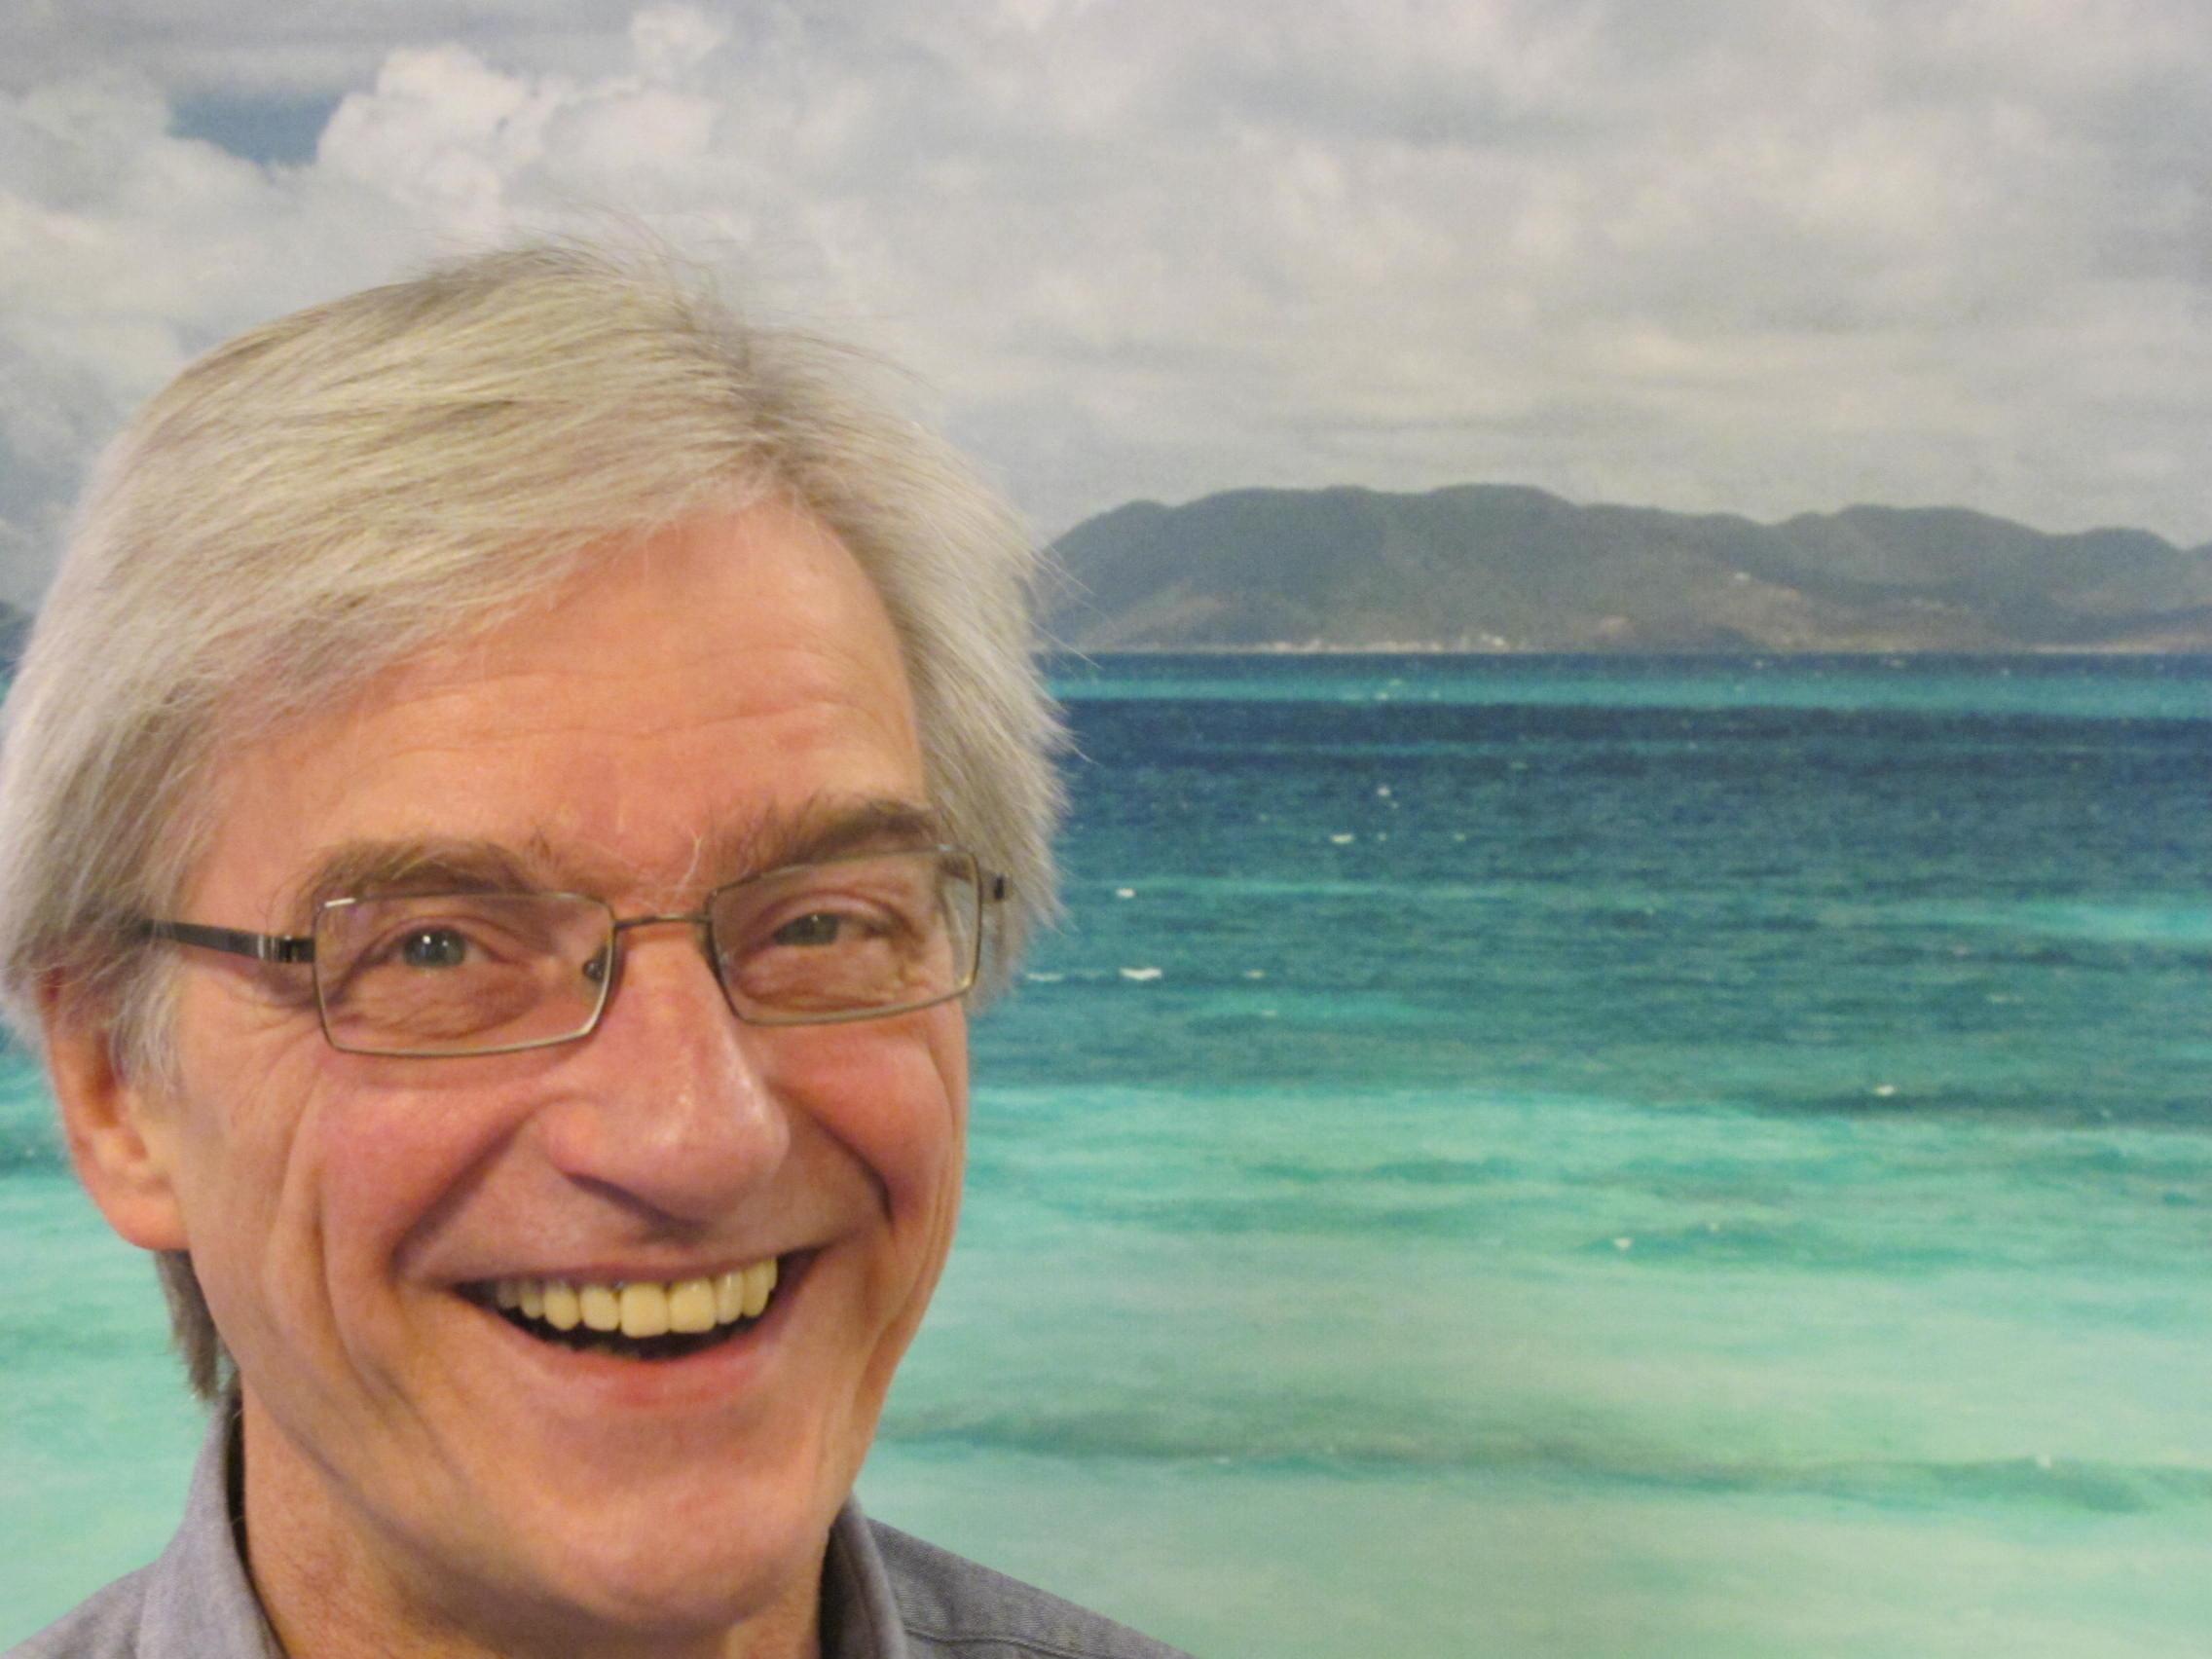 Michael Kotzurek